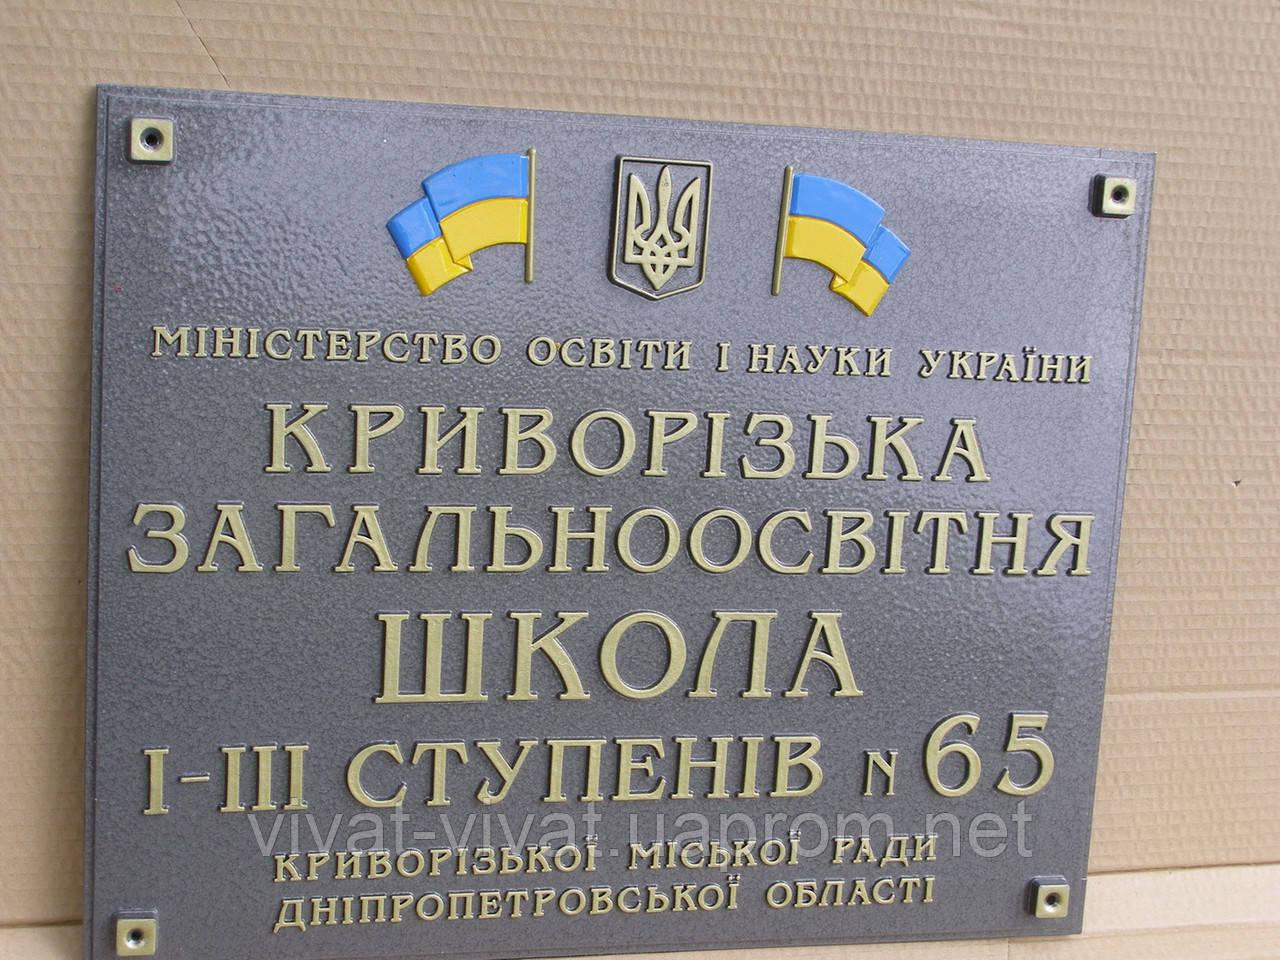 Изготовление вывесок (собственное производство) - Виват в Харькове